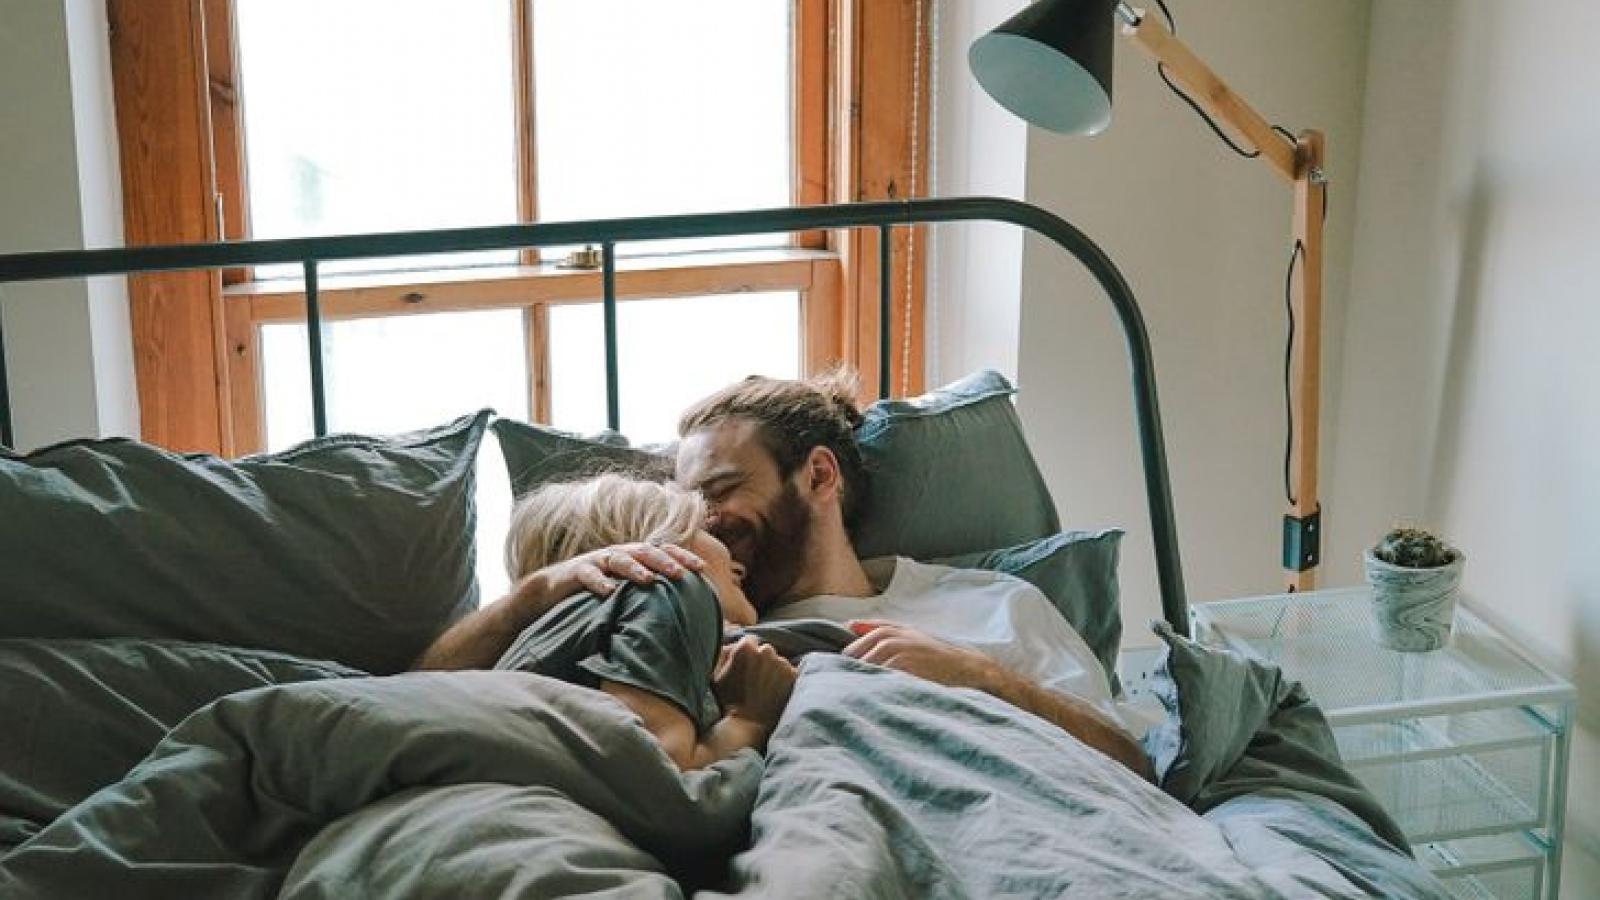 Thói quen ngủ giúp cải thiện mối quan hệ vợ chồng như thế nào?